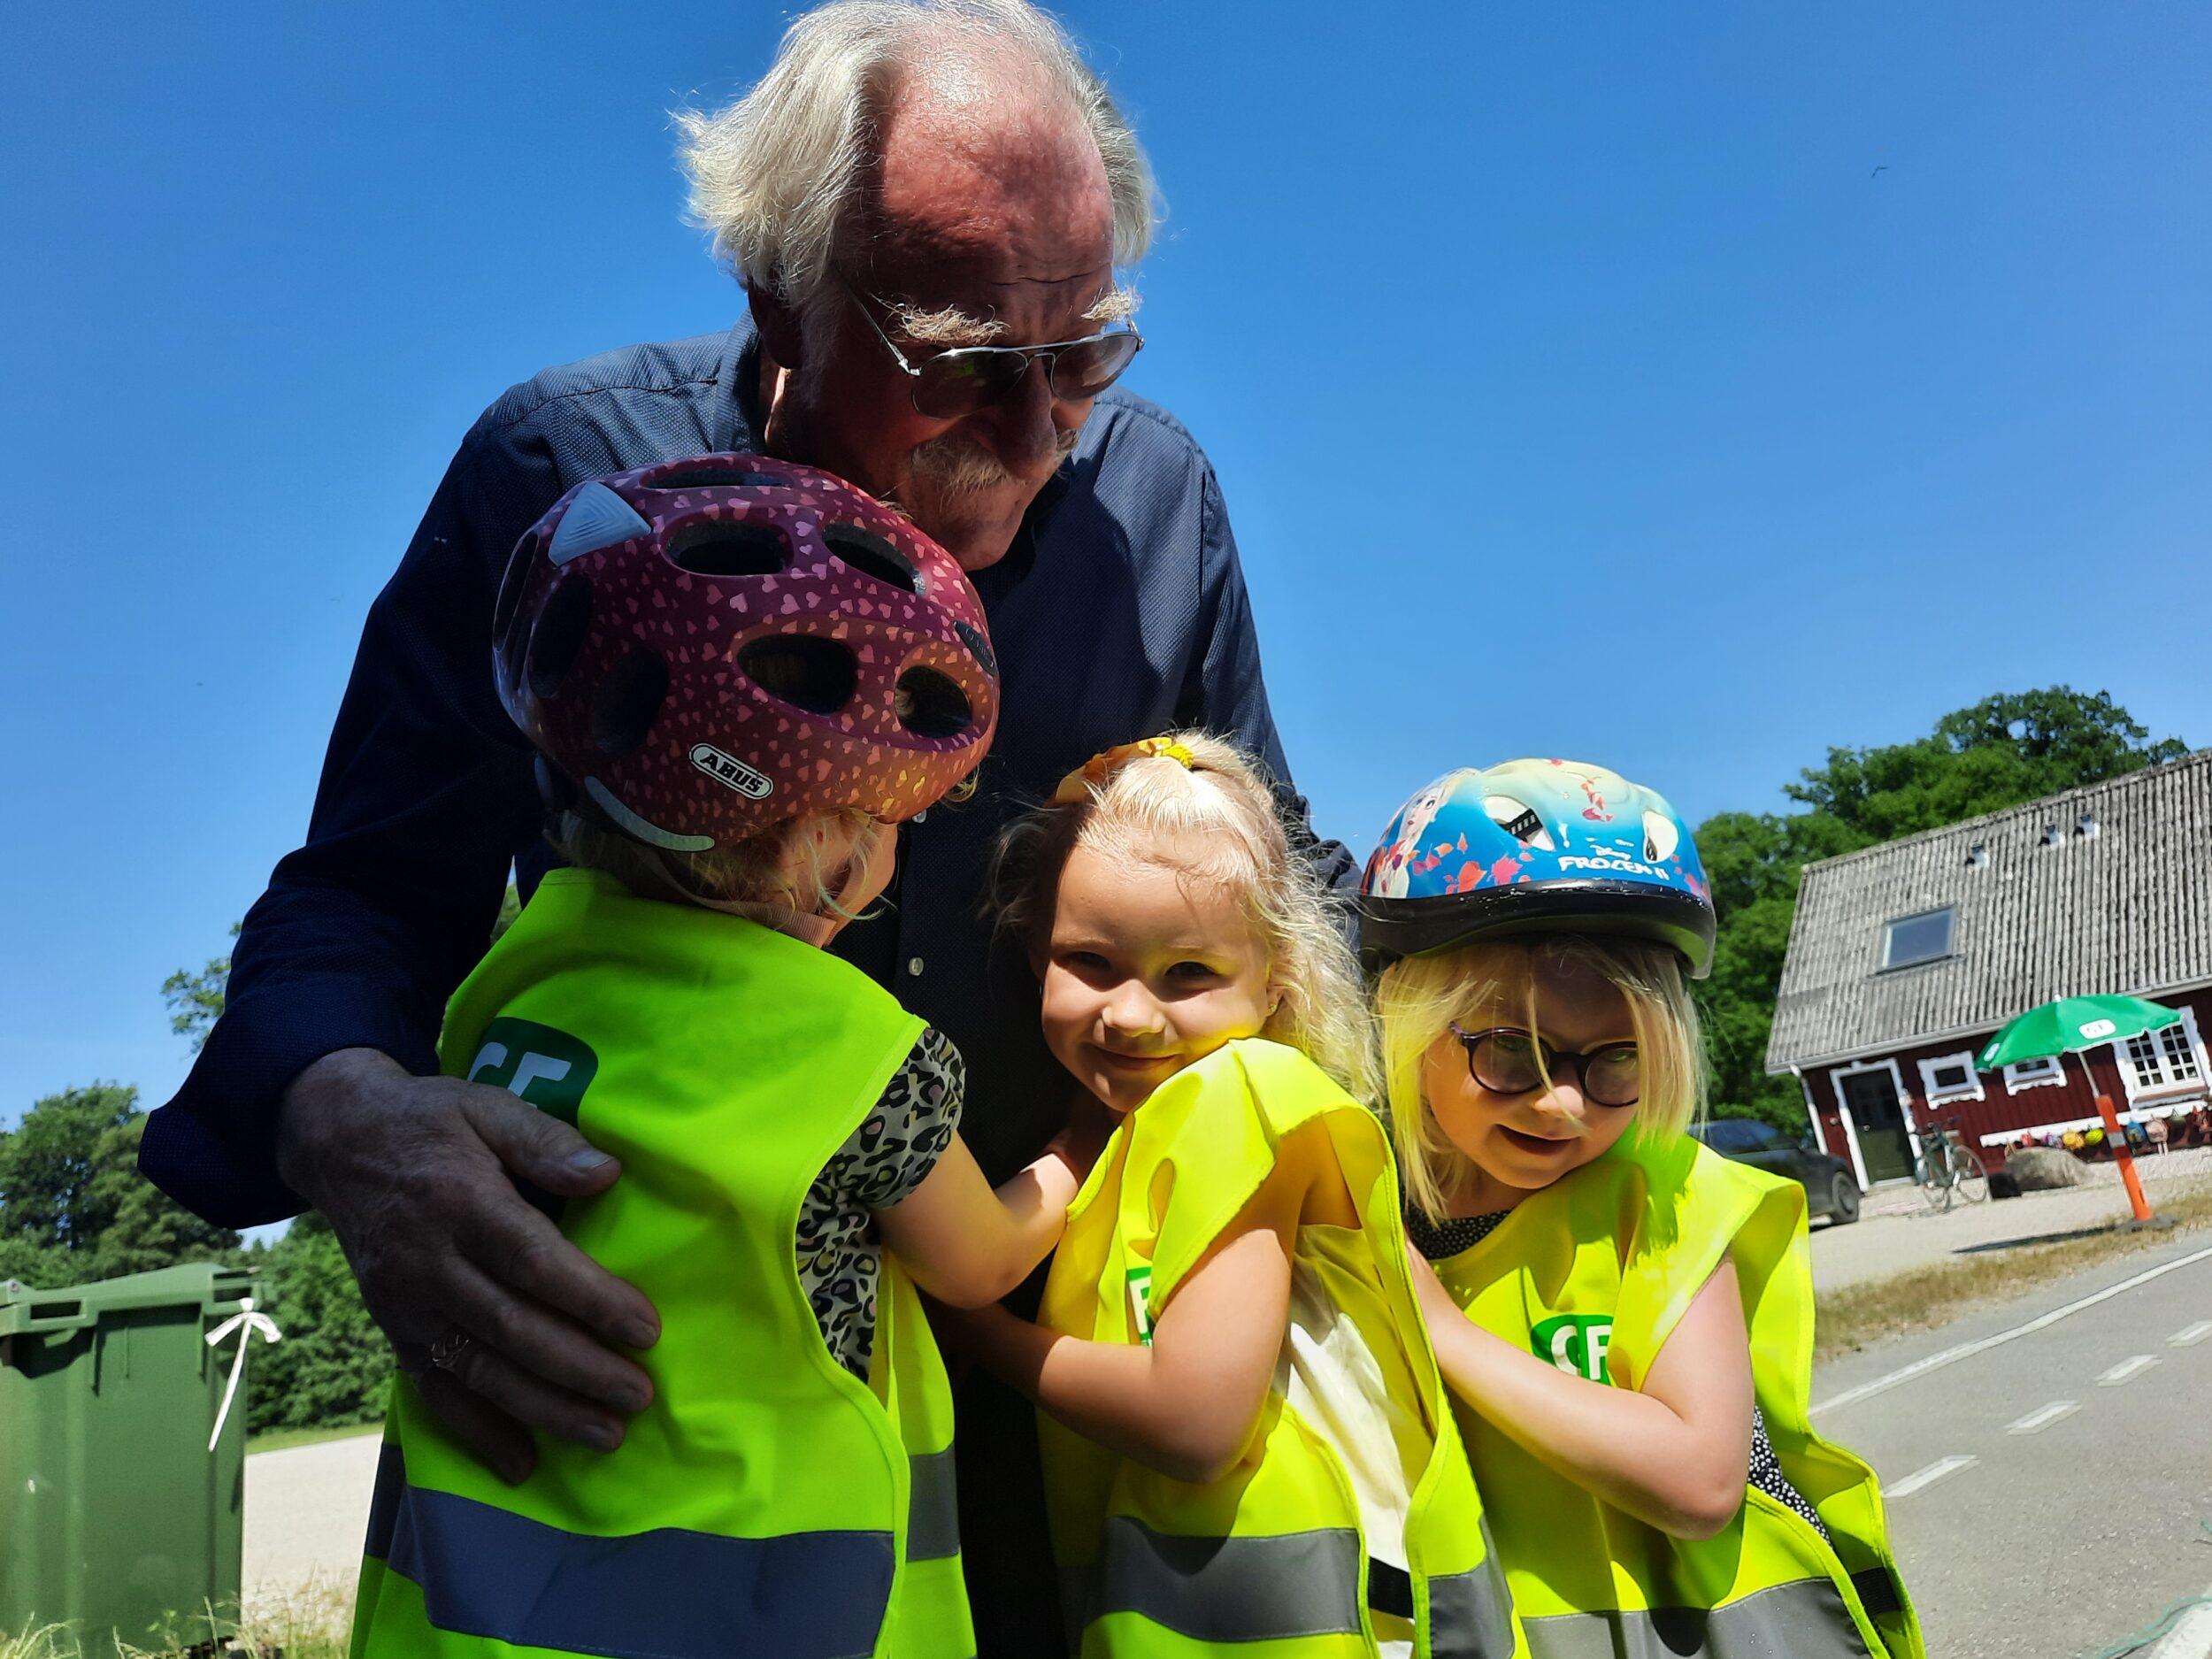 Senior-ildsjæl sikrede trafikpris til skovbørnehave